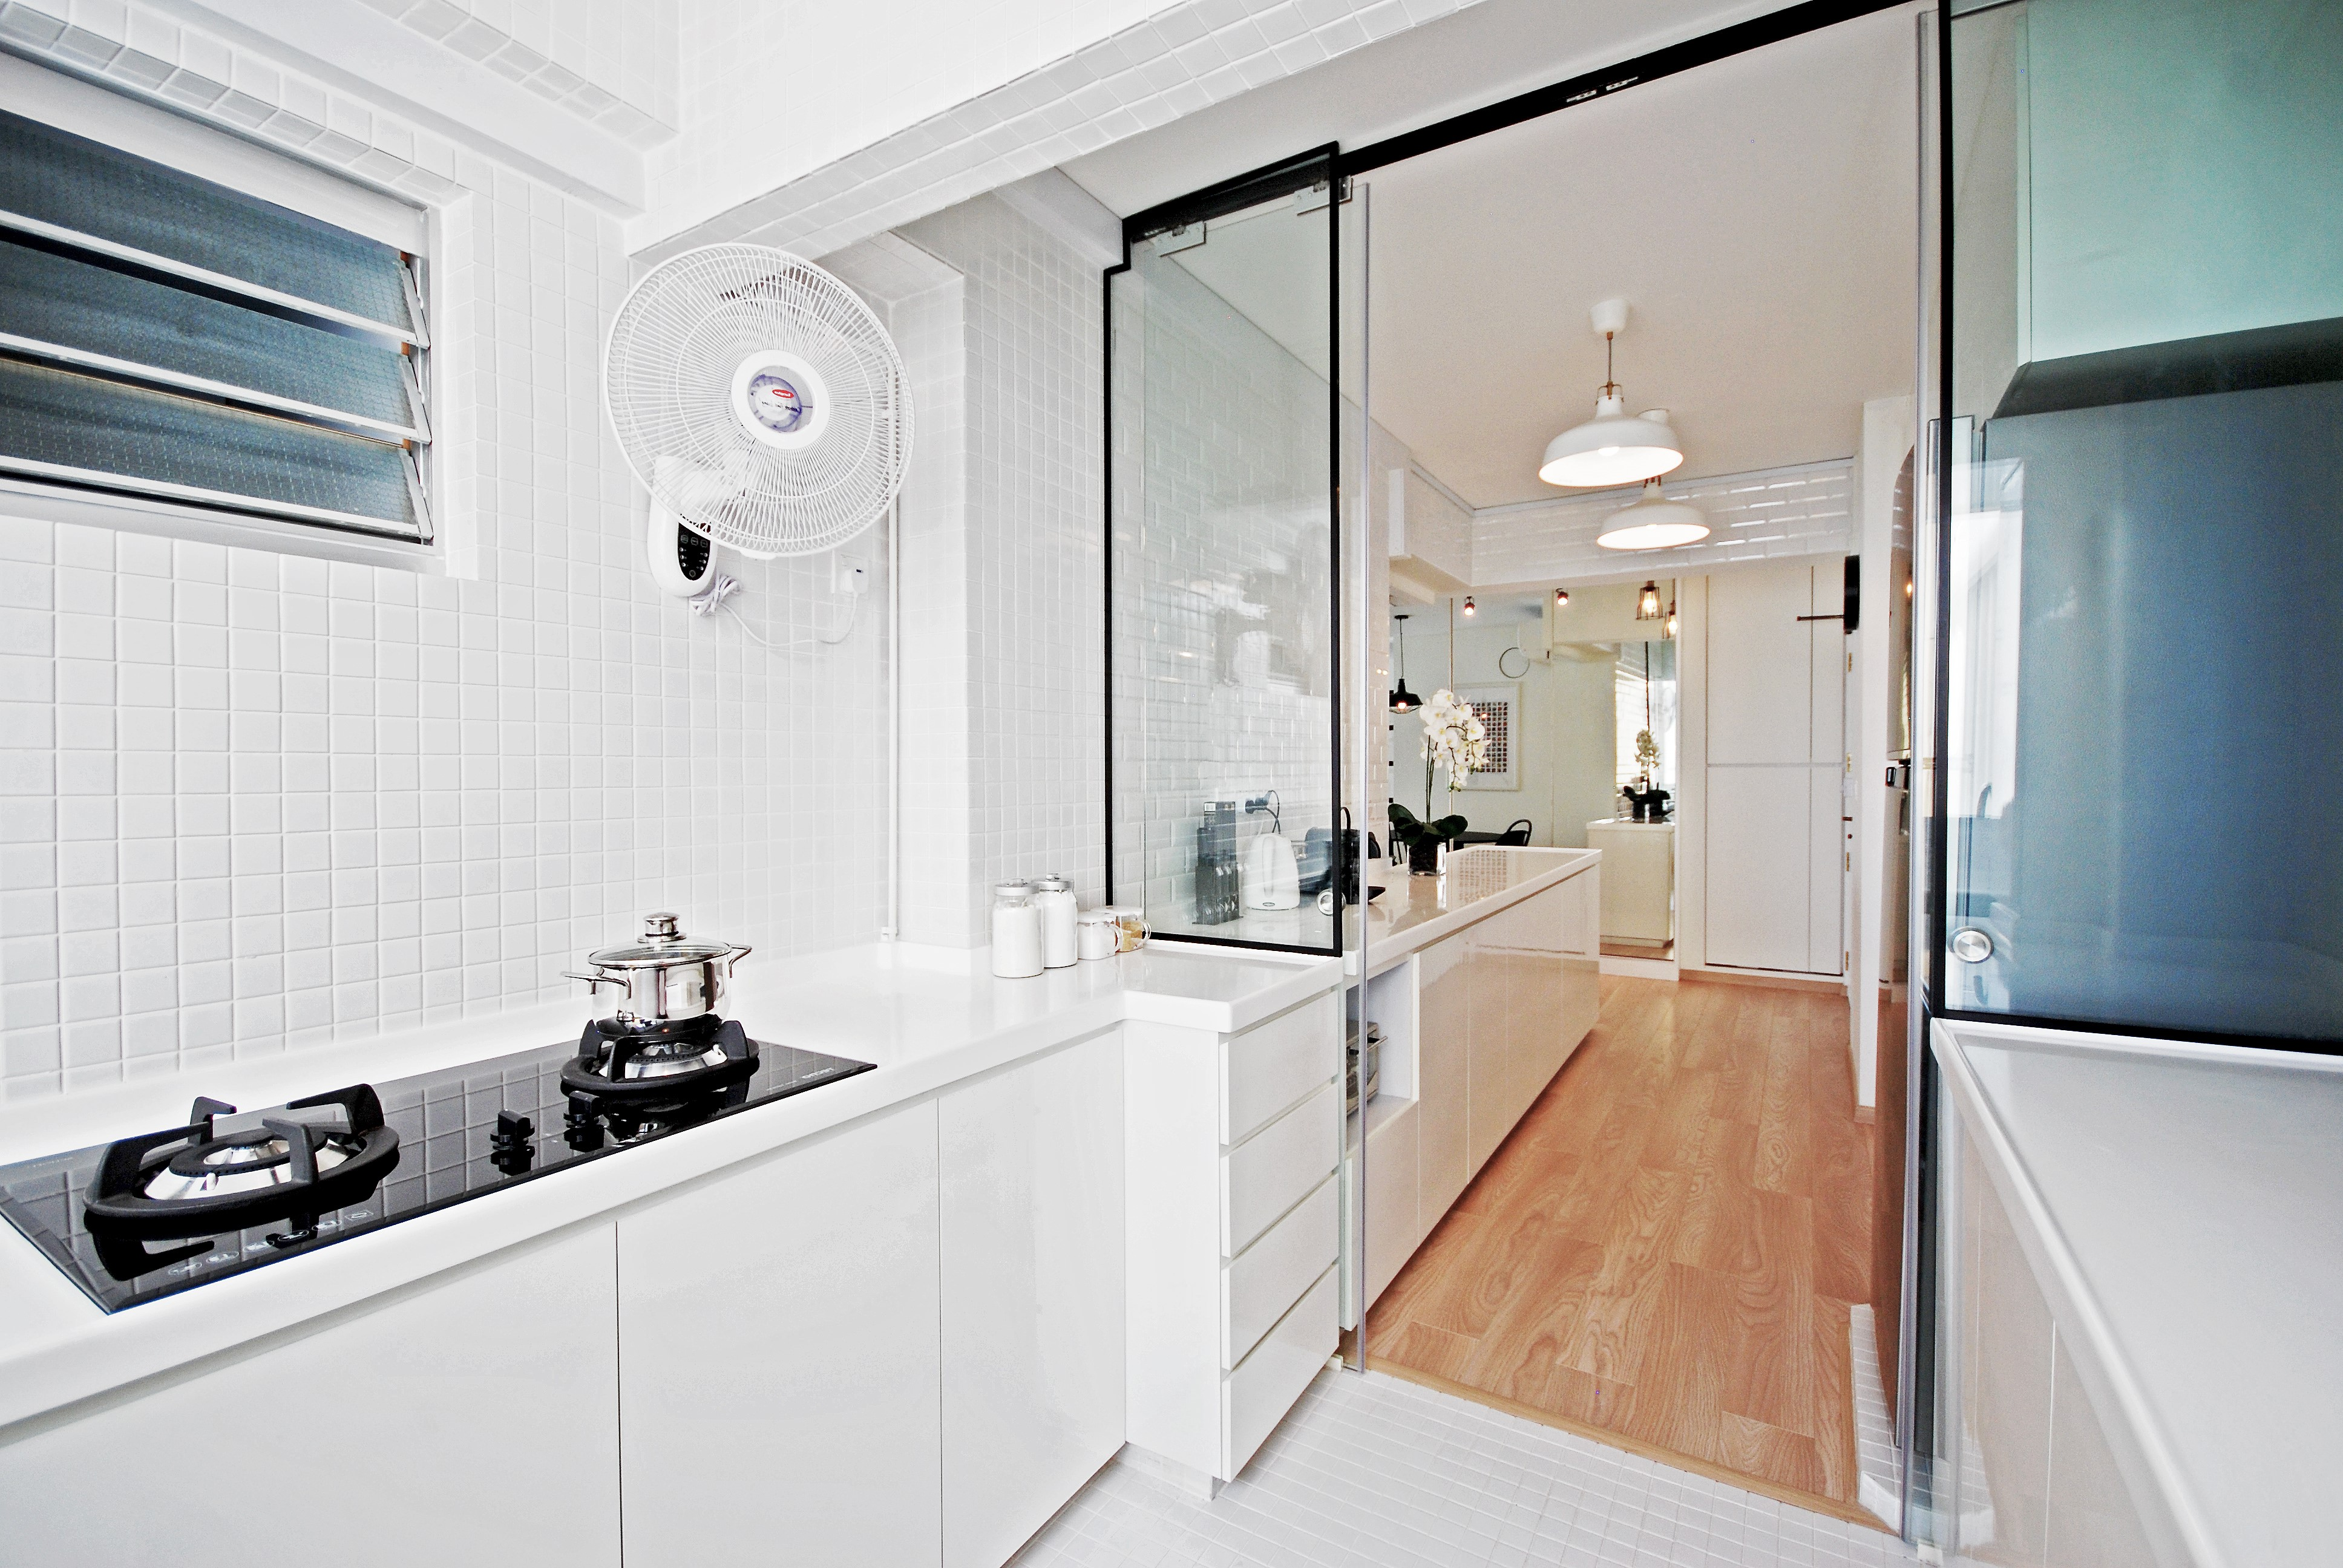 Voici une option similaire pour votre cuisine semi-ouverte sur séjour - utilisez des panneaux de verre encadrés.